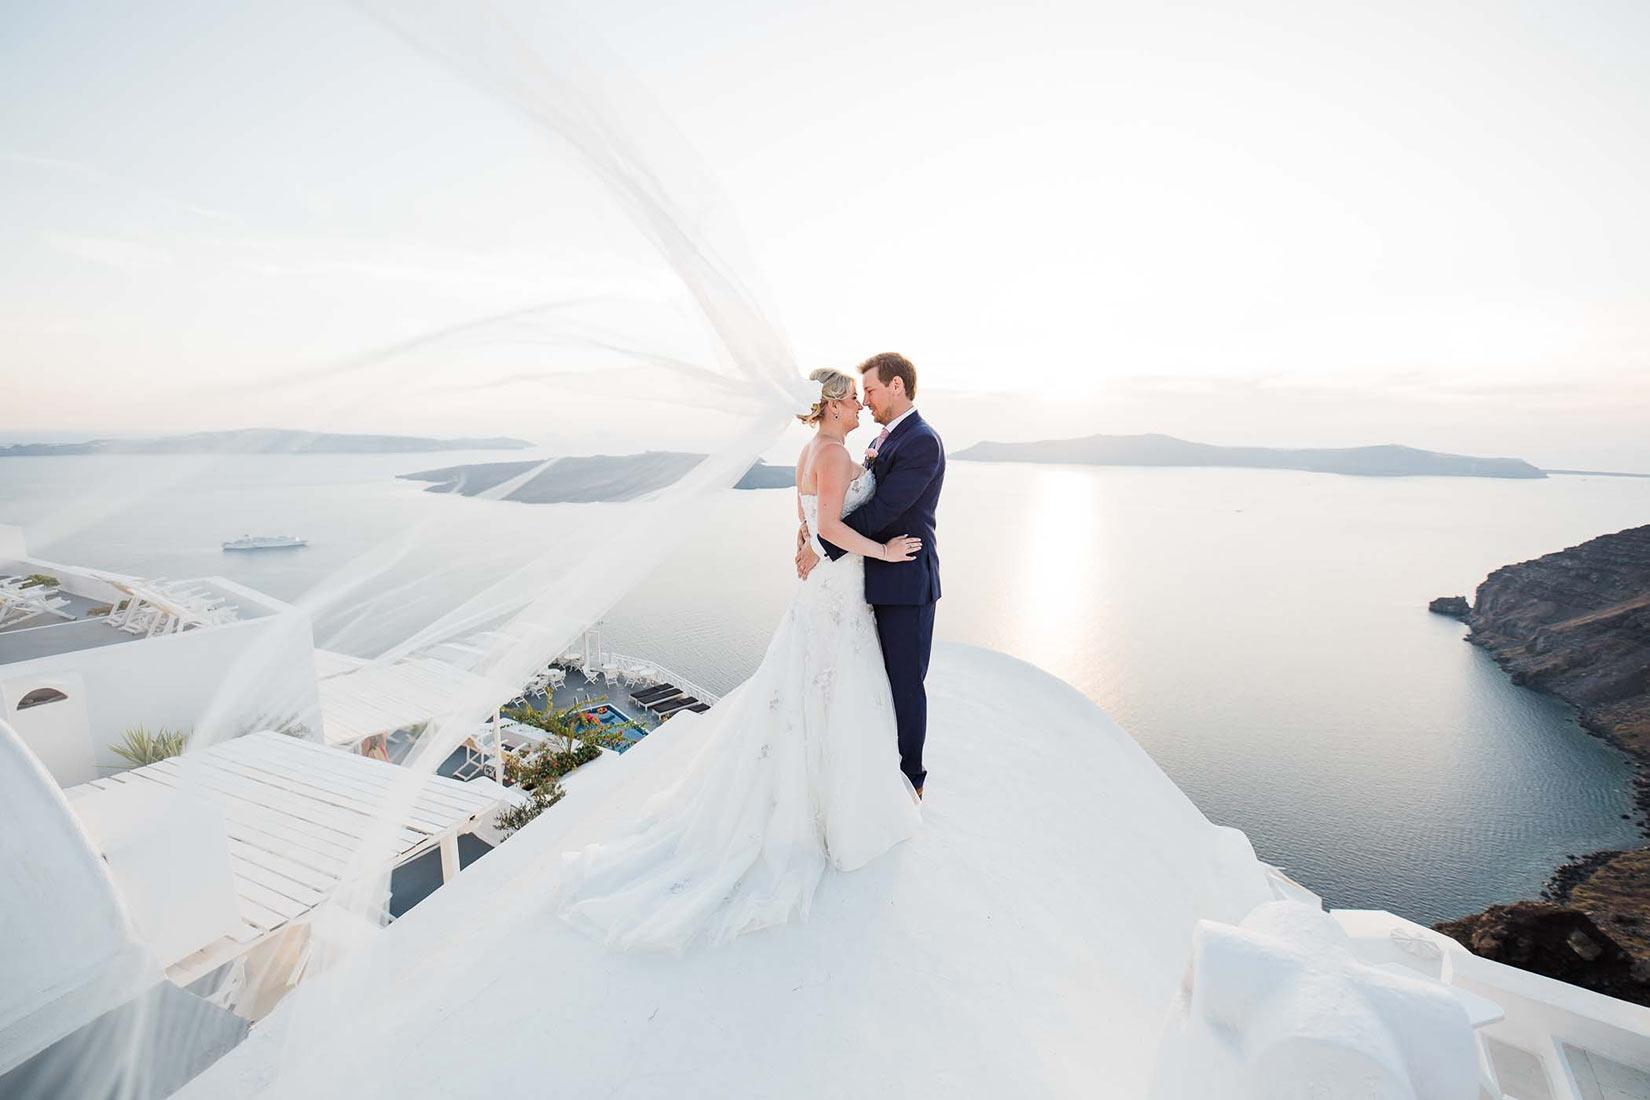 santorini-wedding-photographer-greece